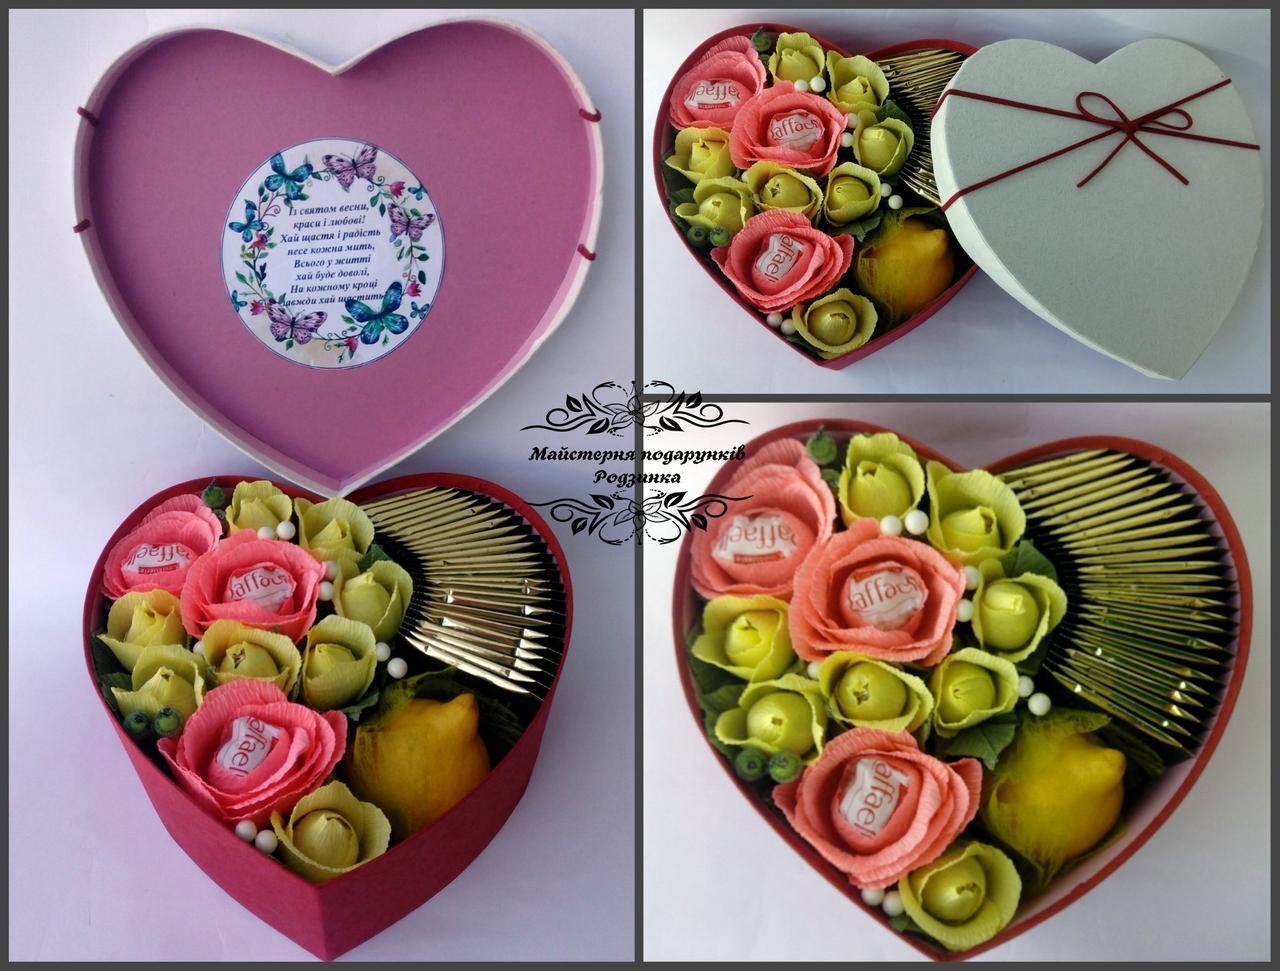 Подарунковий набір  серце з цукерками . Світ бокс з лимоном та чаєм